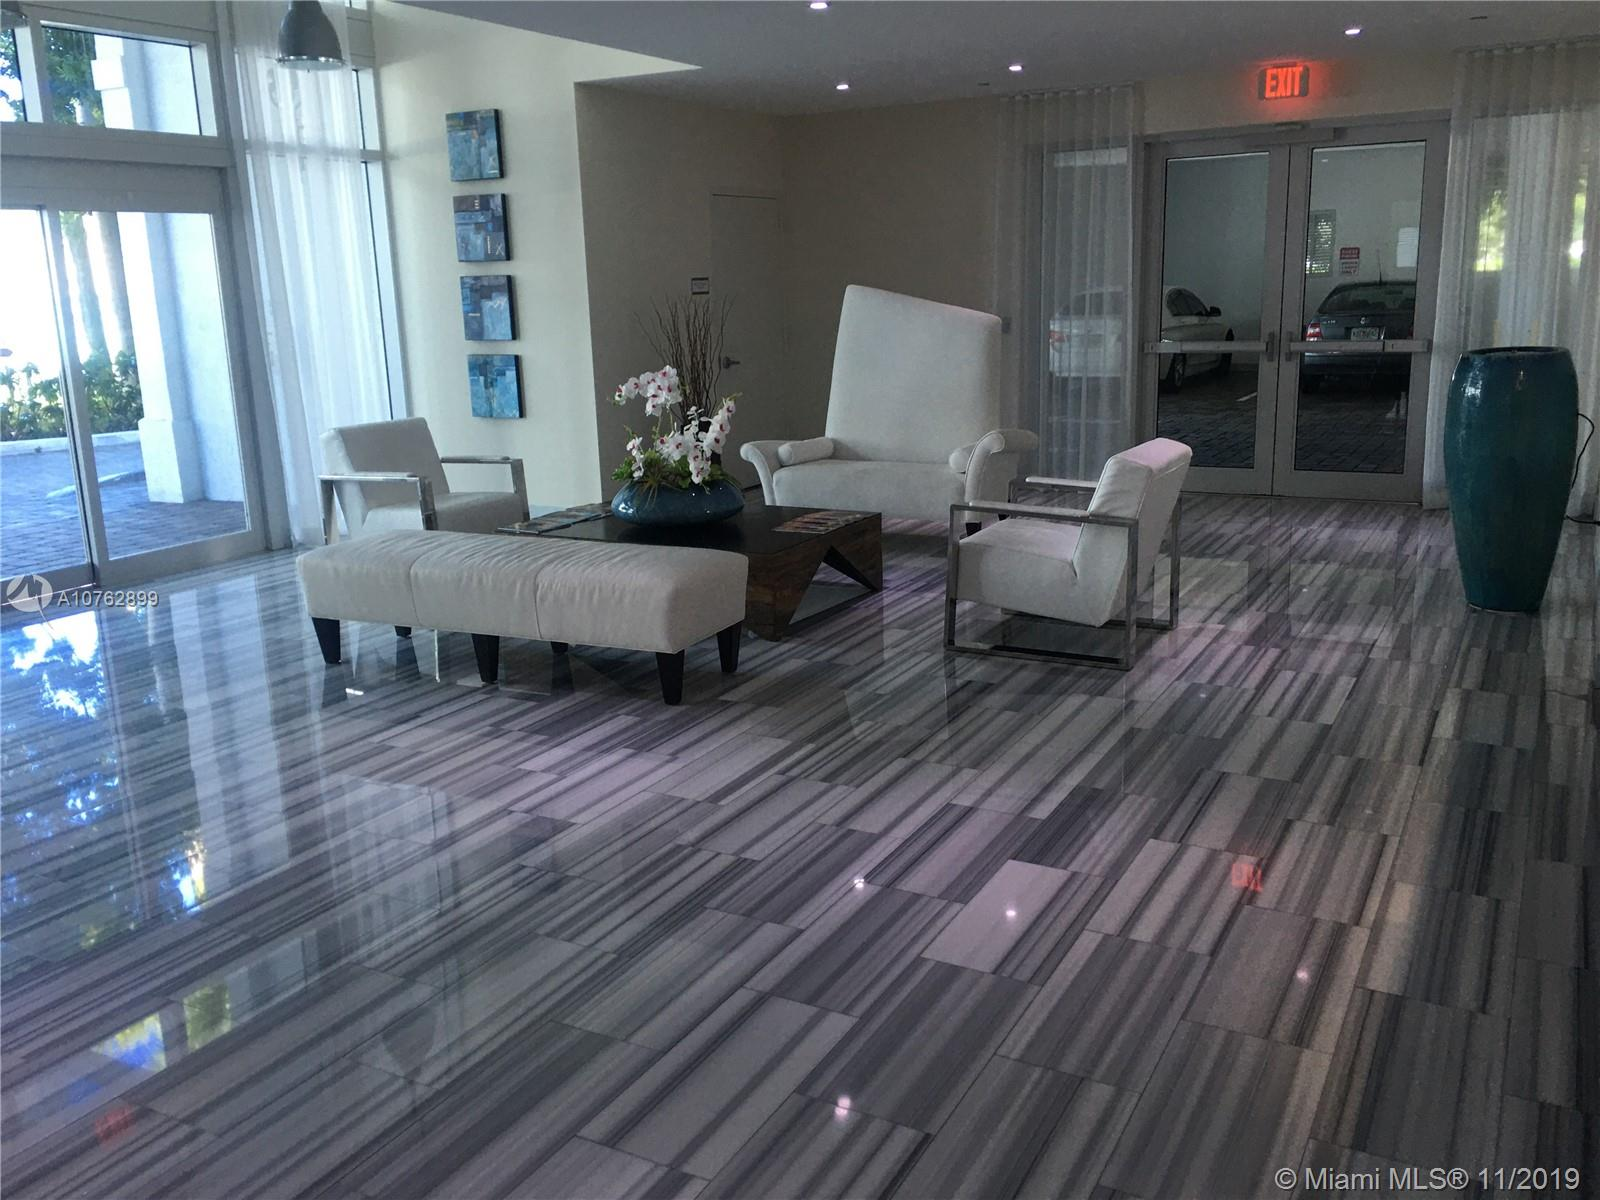 3030 NE 188th St #304, Aventura, FL 33180 - Aventura, FL real estate listing